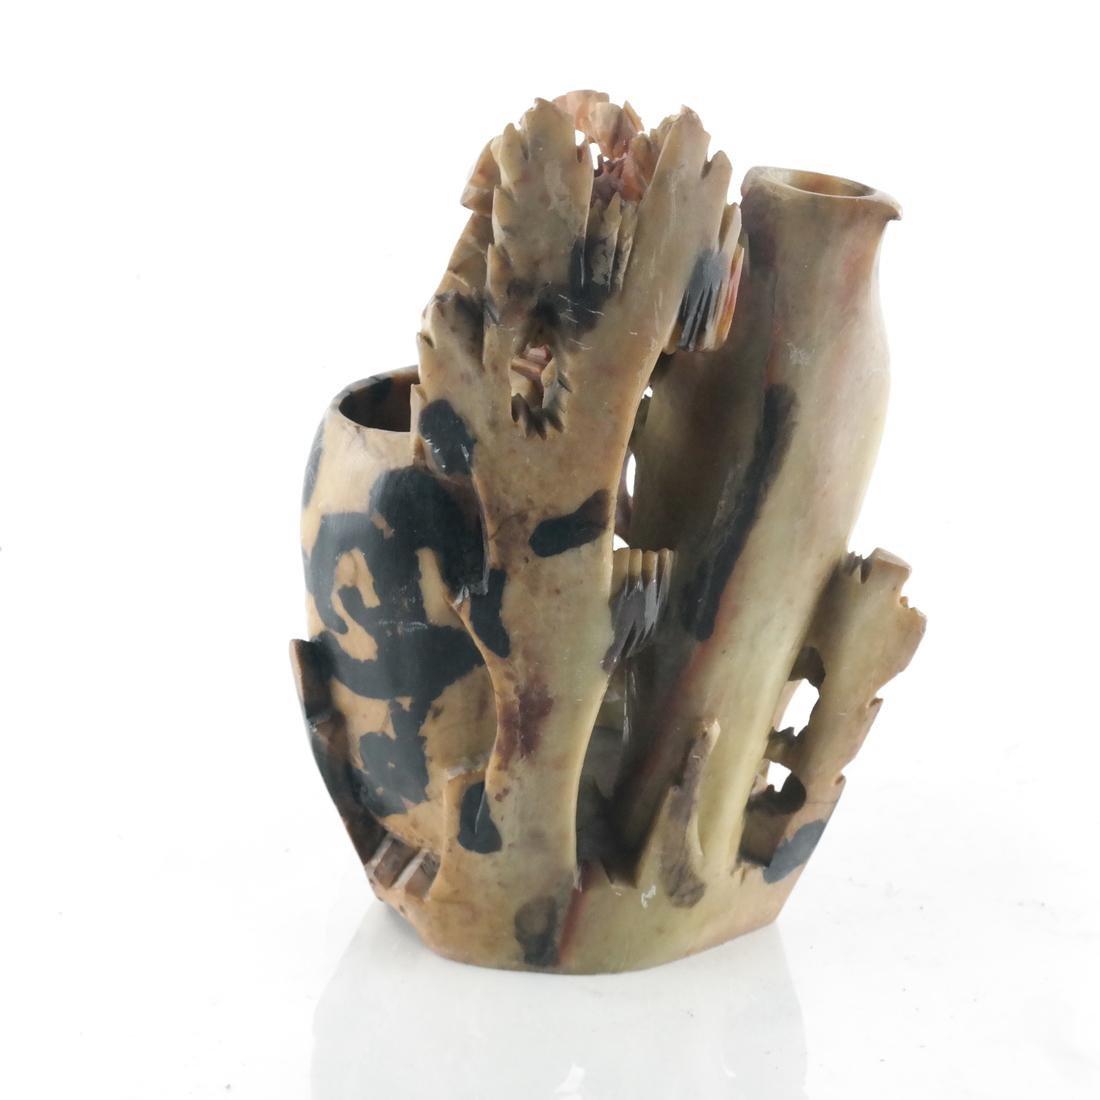 Chinese Ornate Hardstone Vase - 3